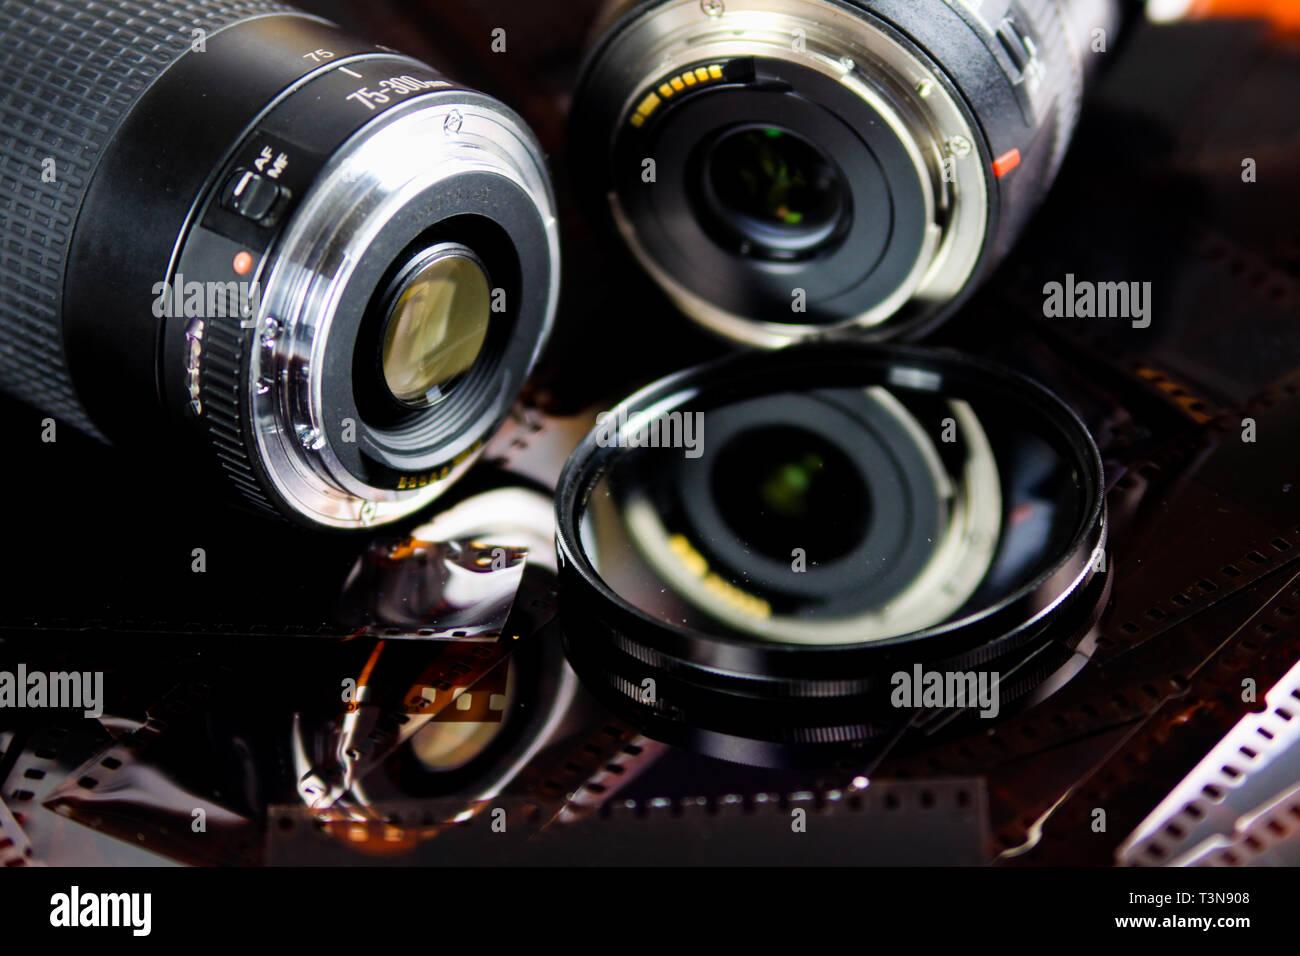 Cerca de dos lentes de cámara con filtro circular aislado de tiras de película negativas Foto de stock